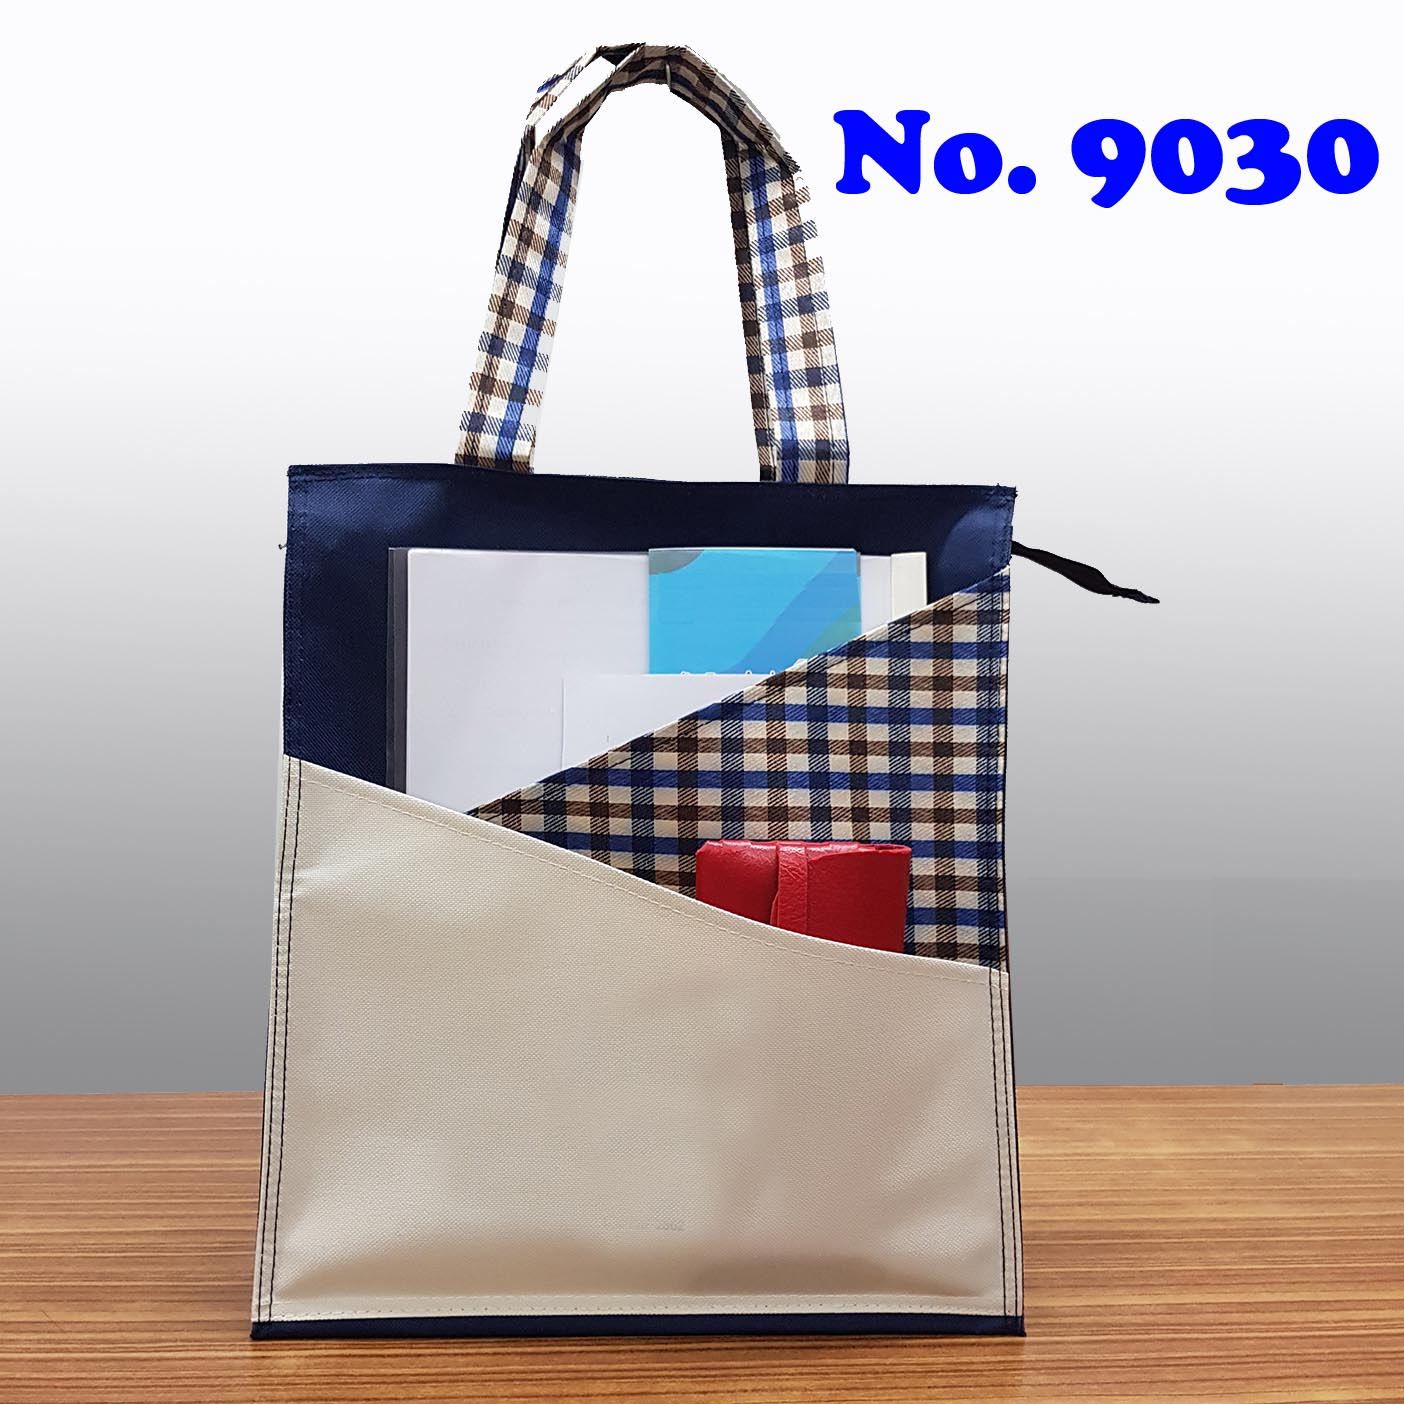 กระเป๋าช้อปปิ้ง ถุงผ้า รุ่น 9030